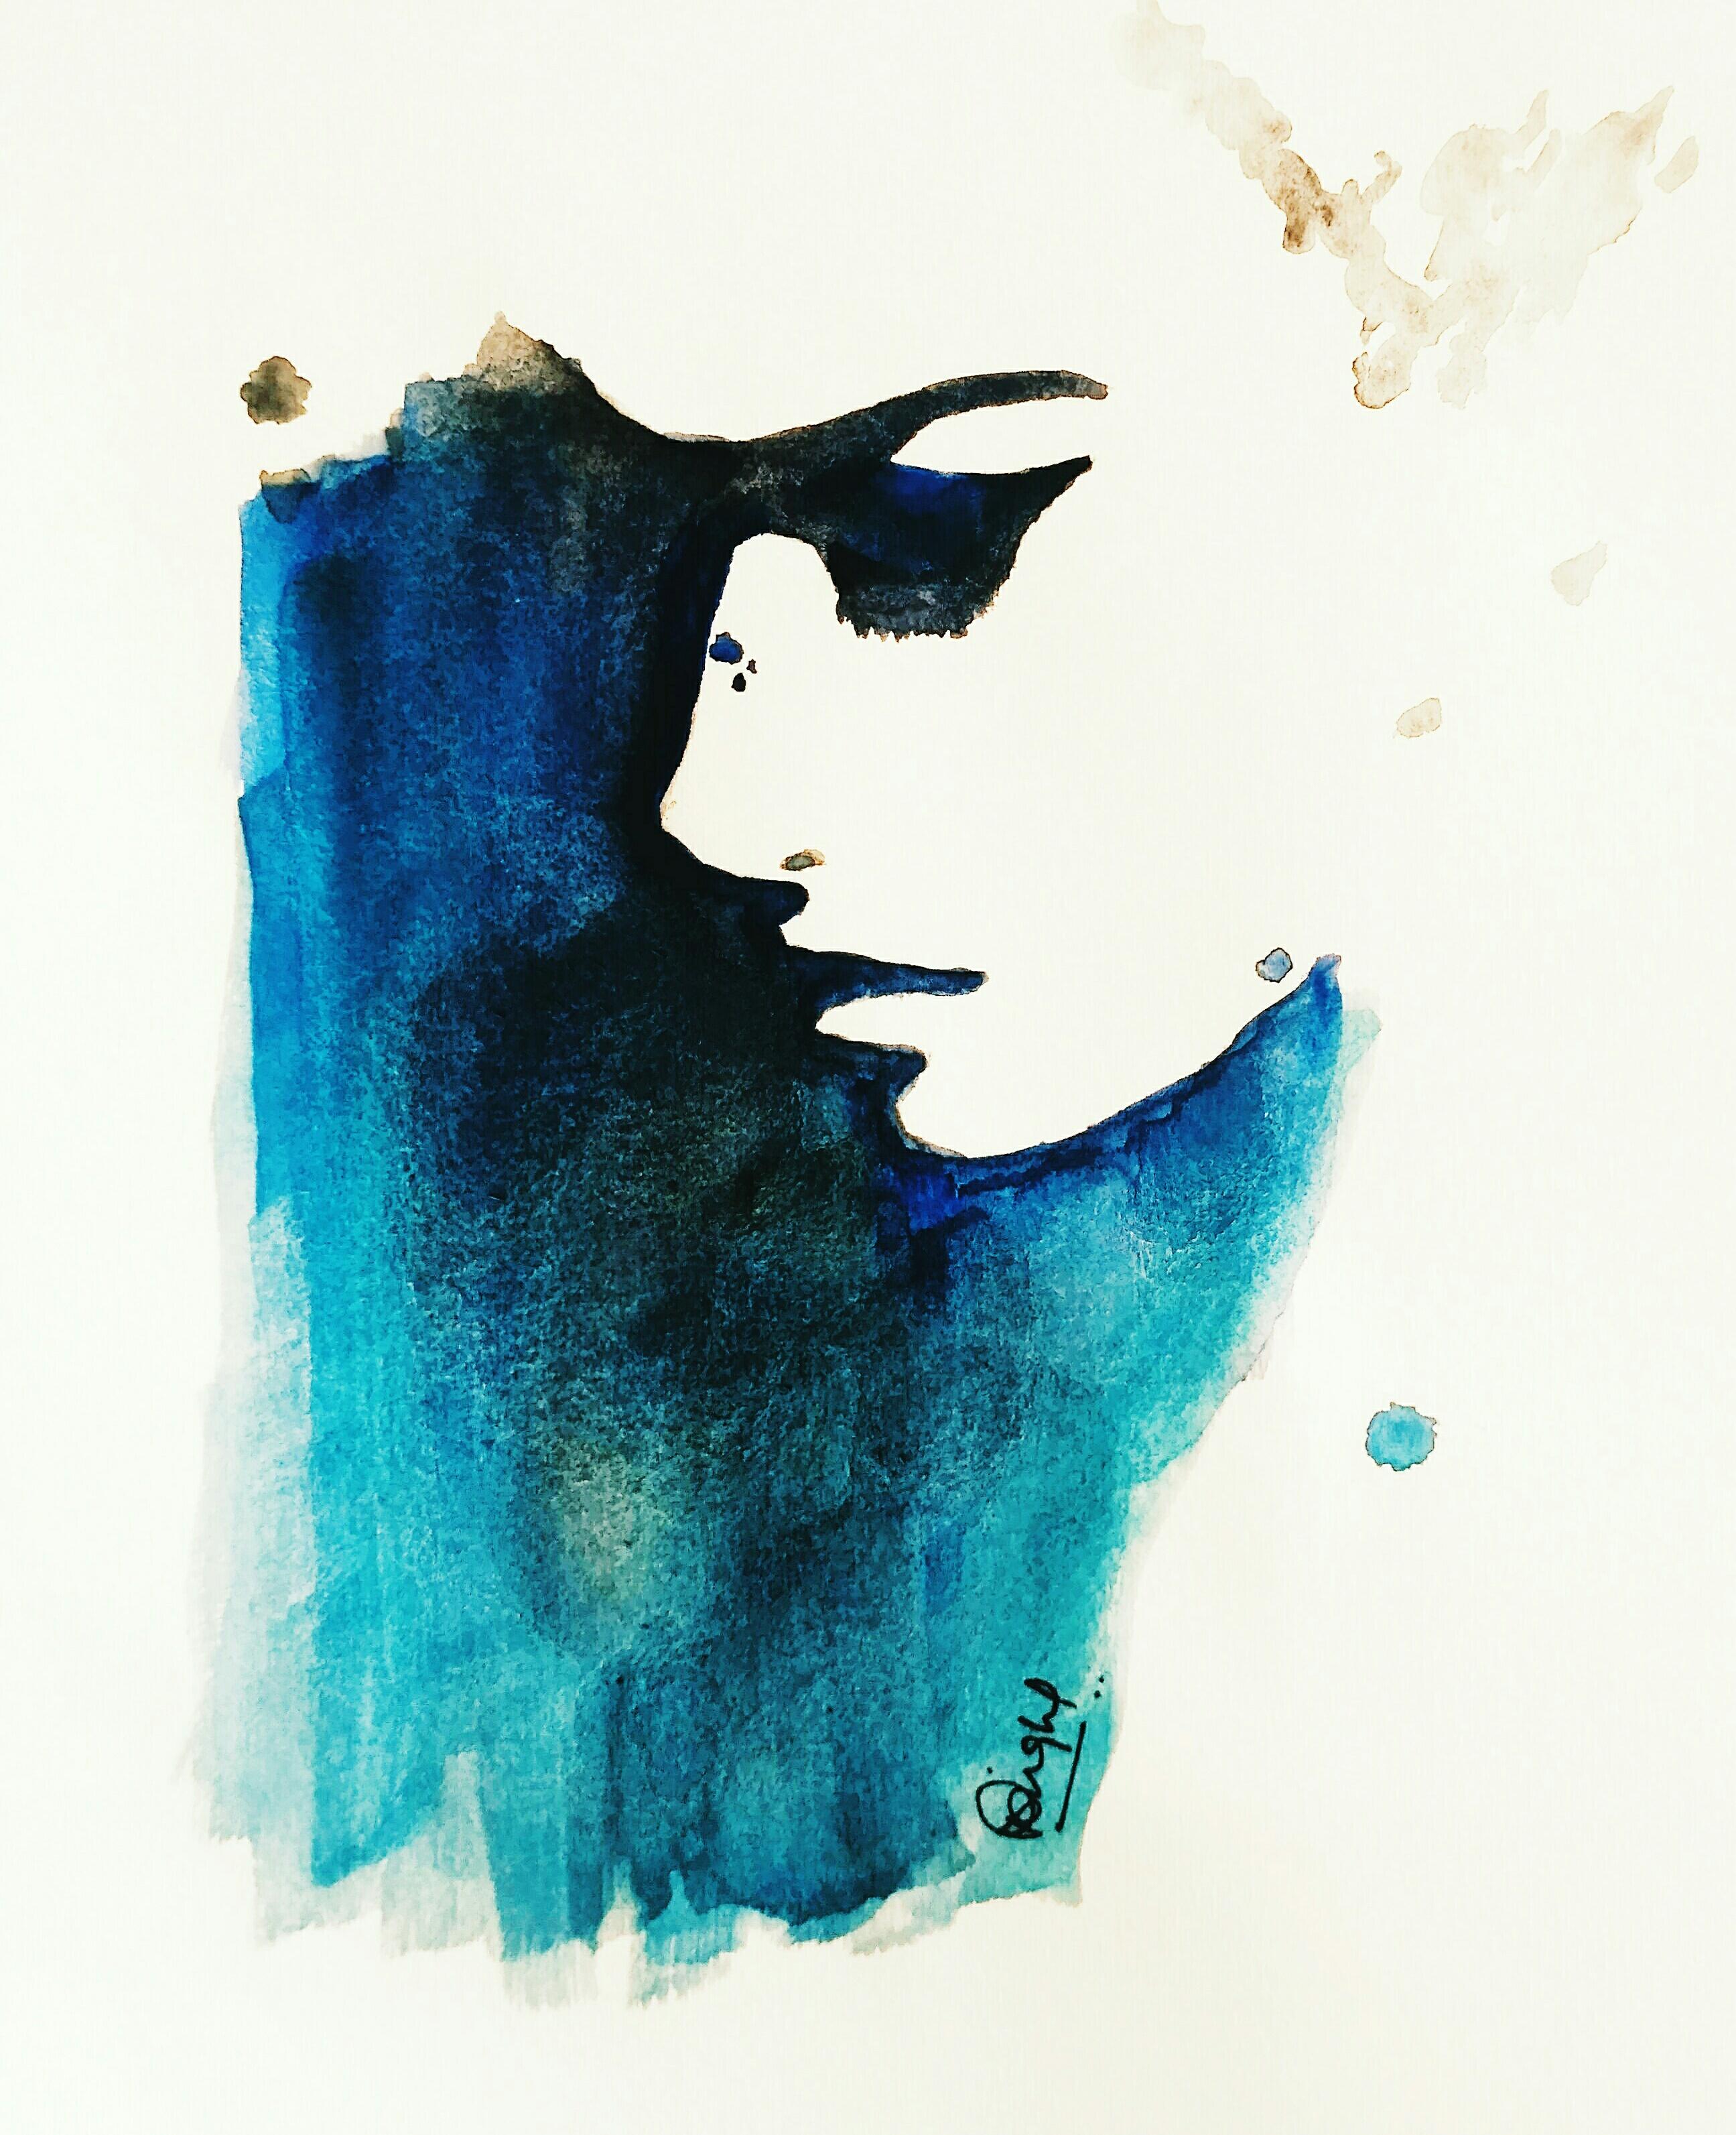 emotions_blue'n'black